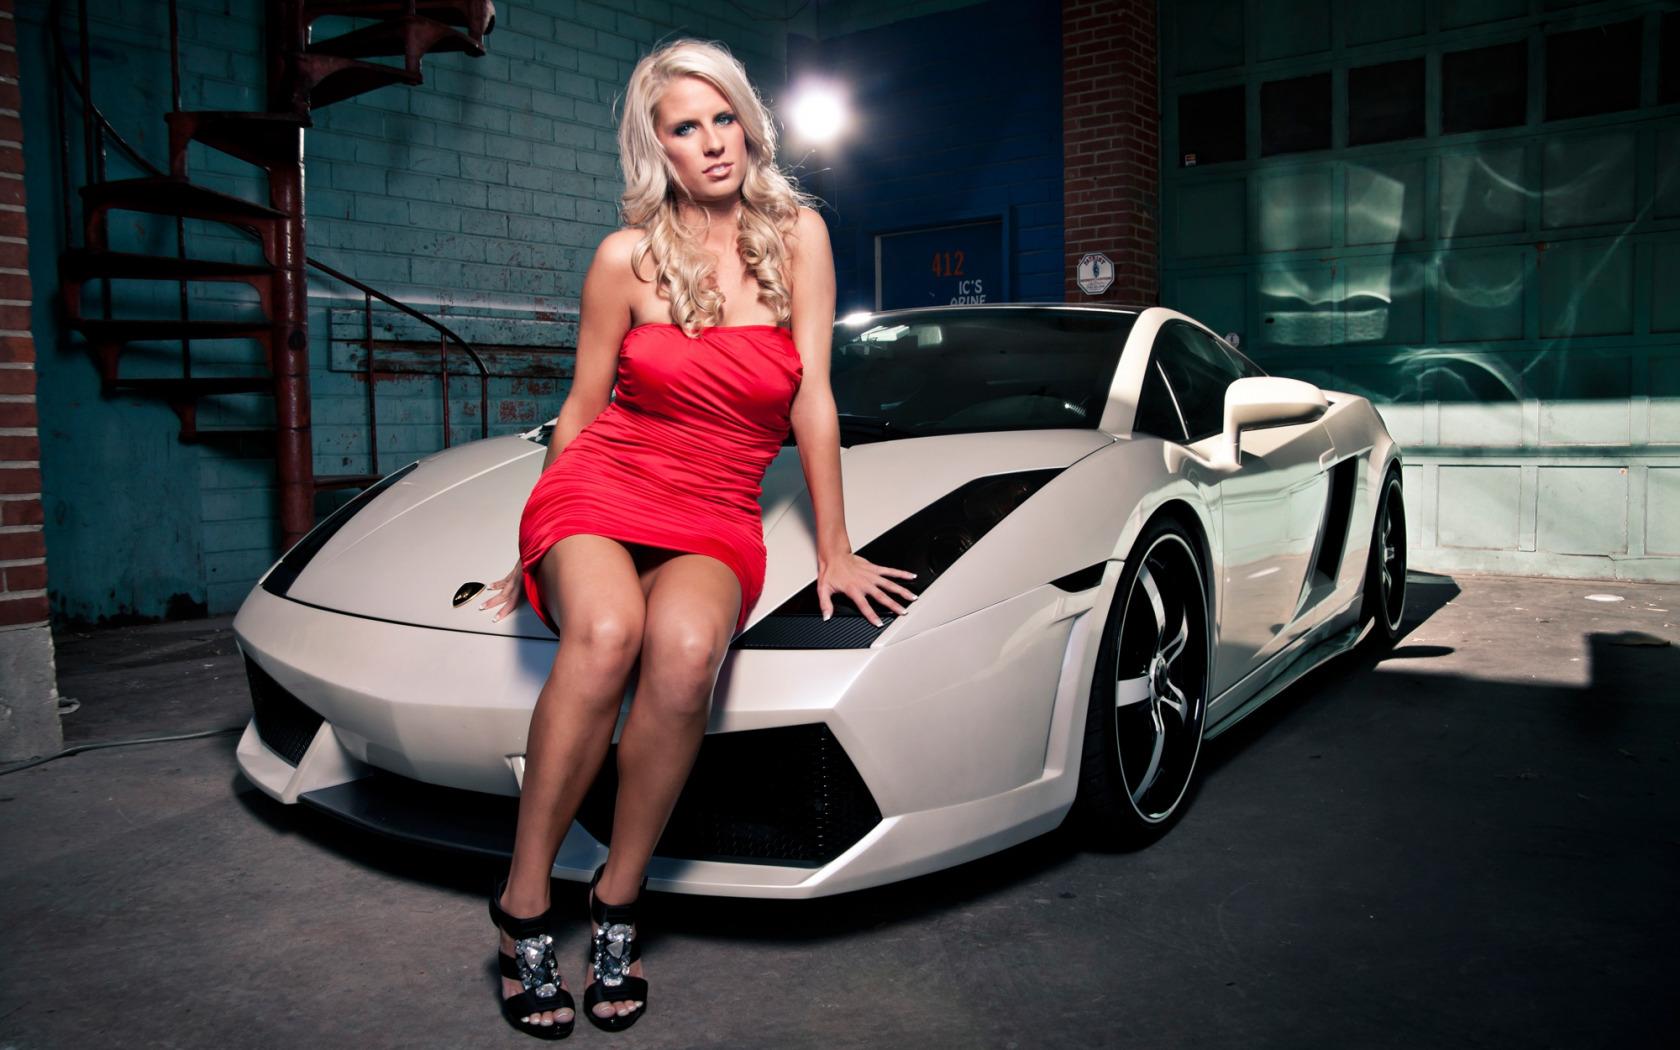 Пьяная блонда на фоне гаражей